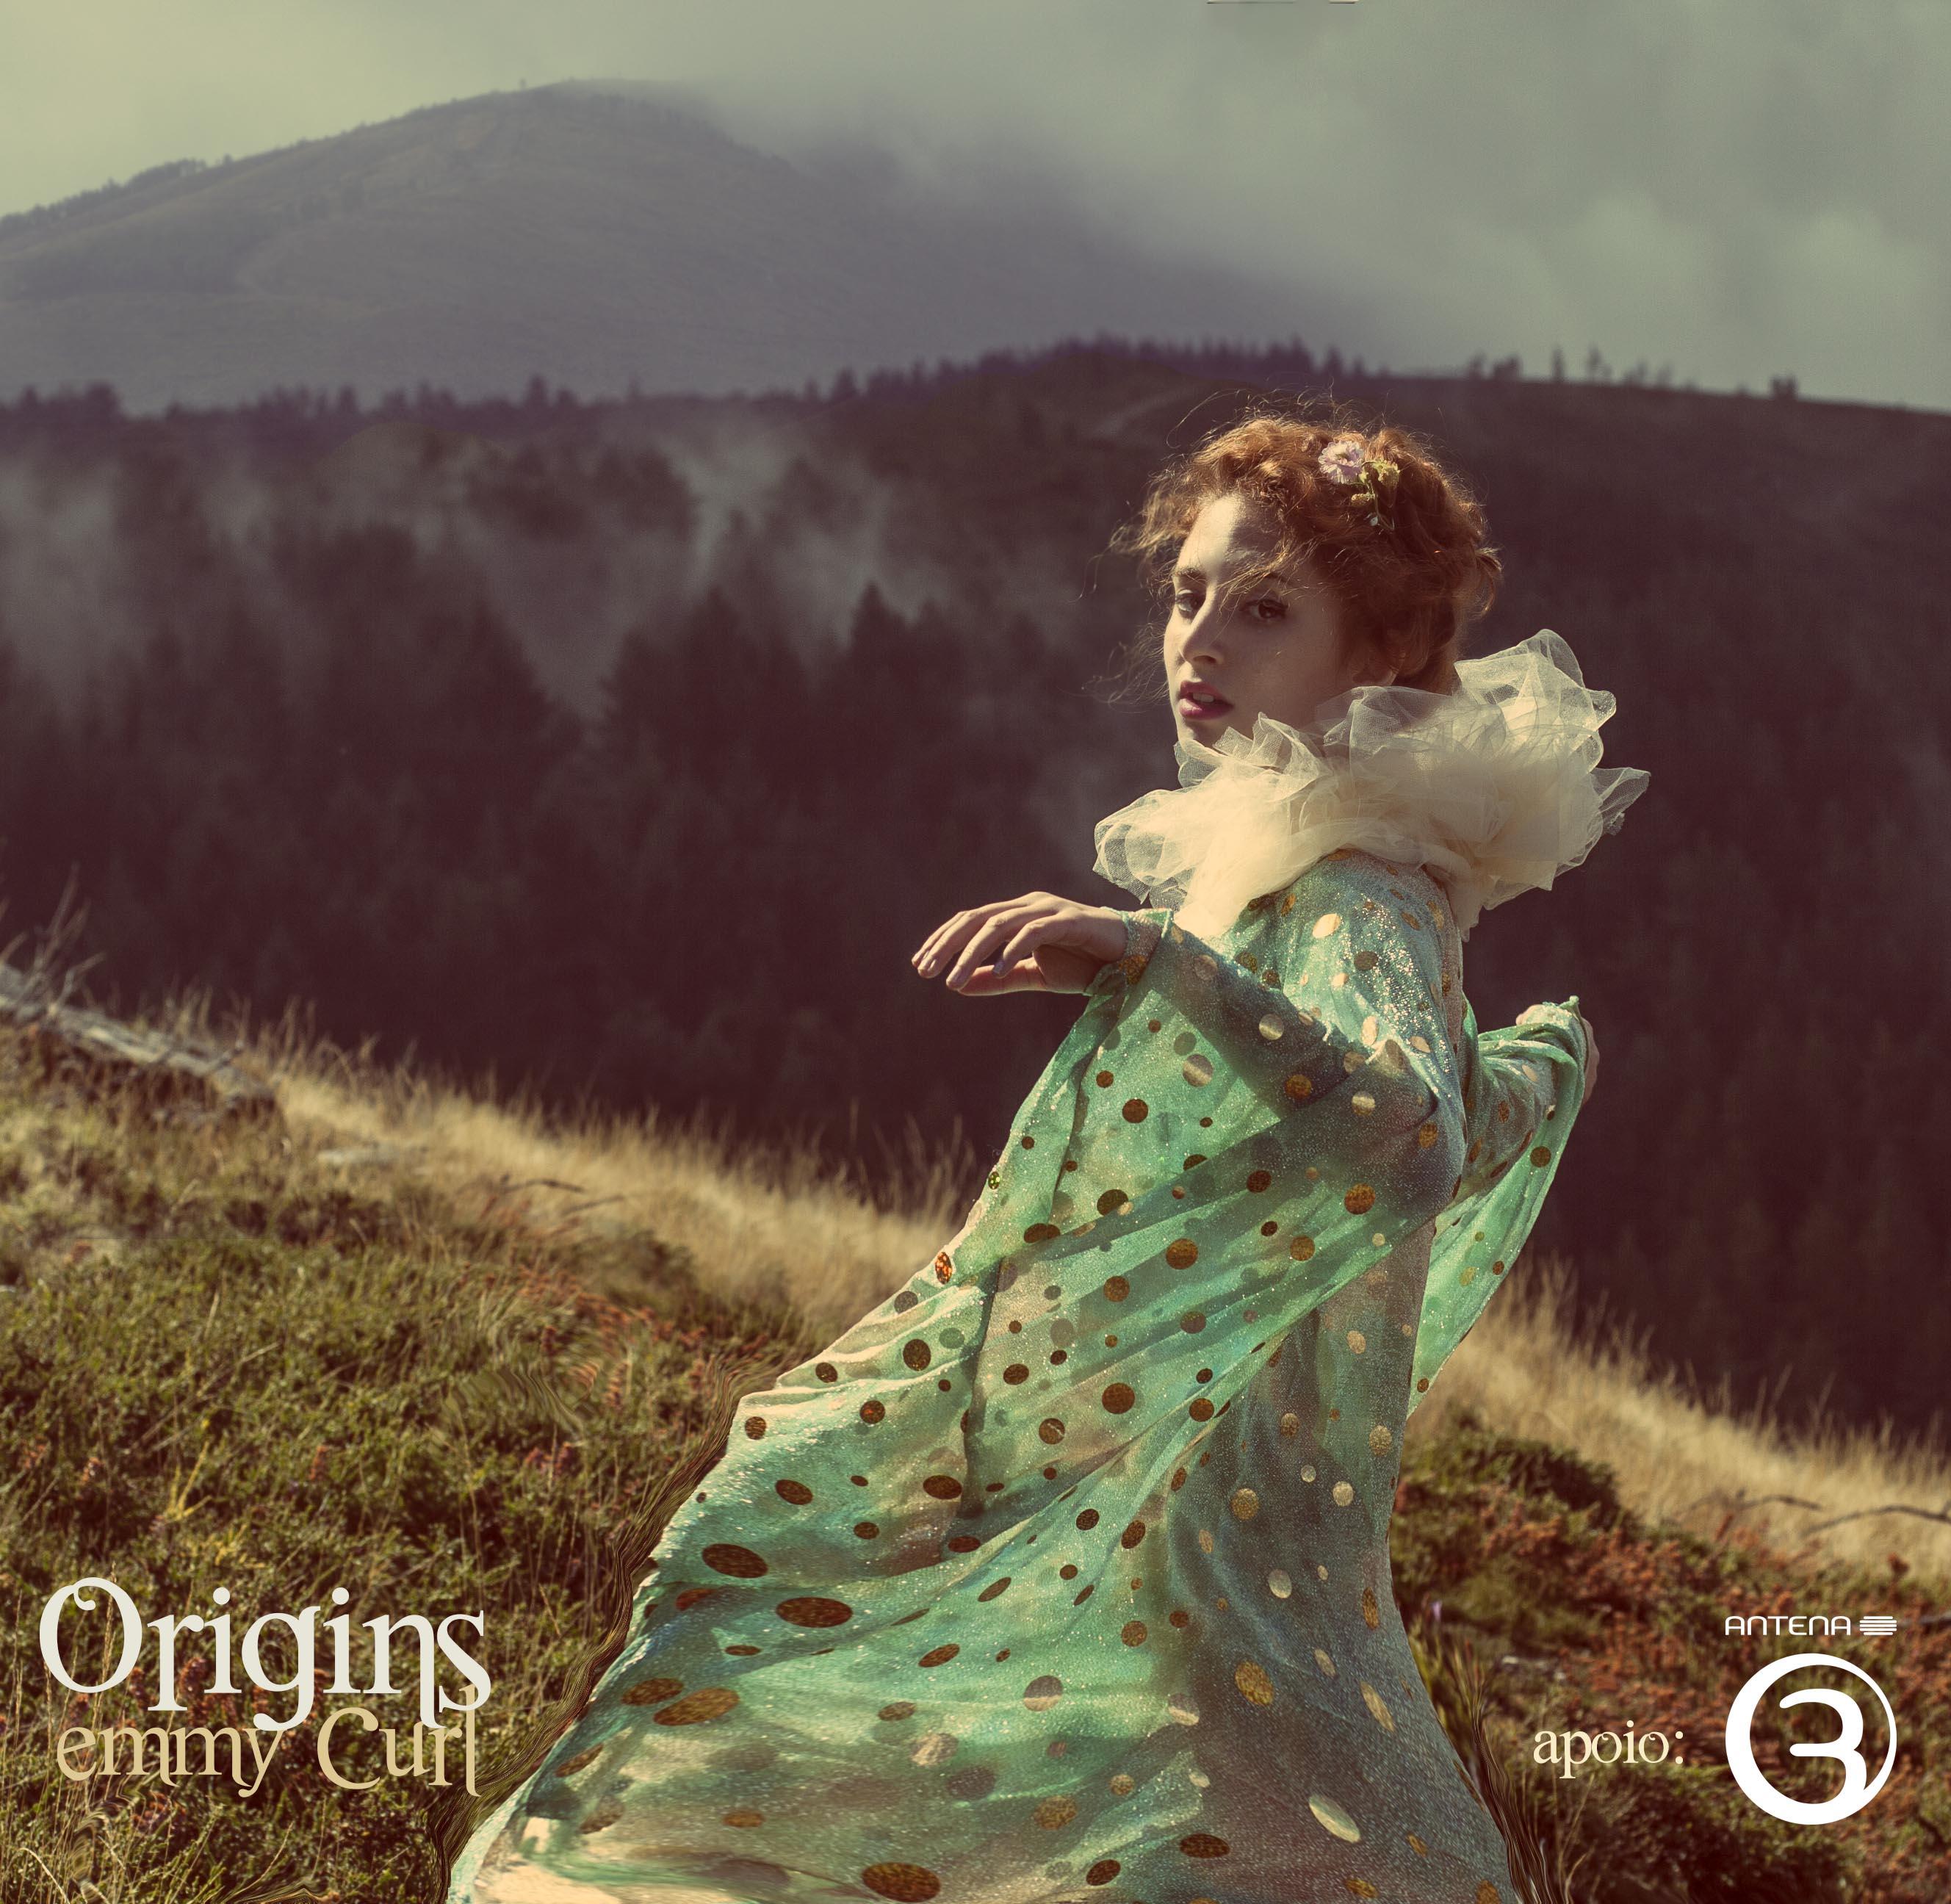 emmy Curl - Origins